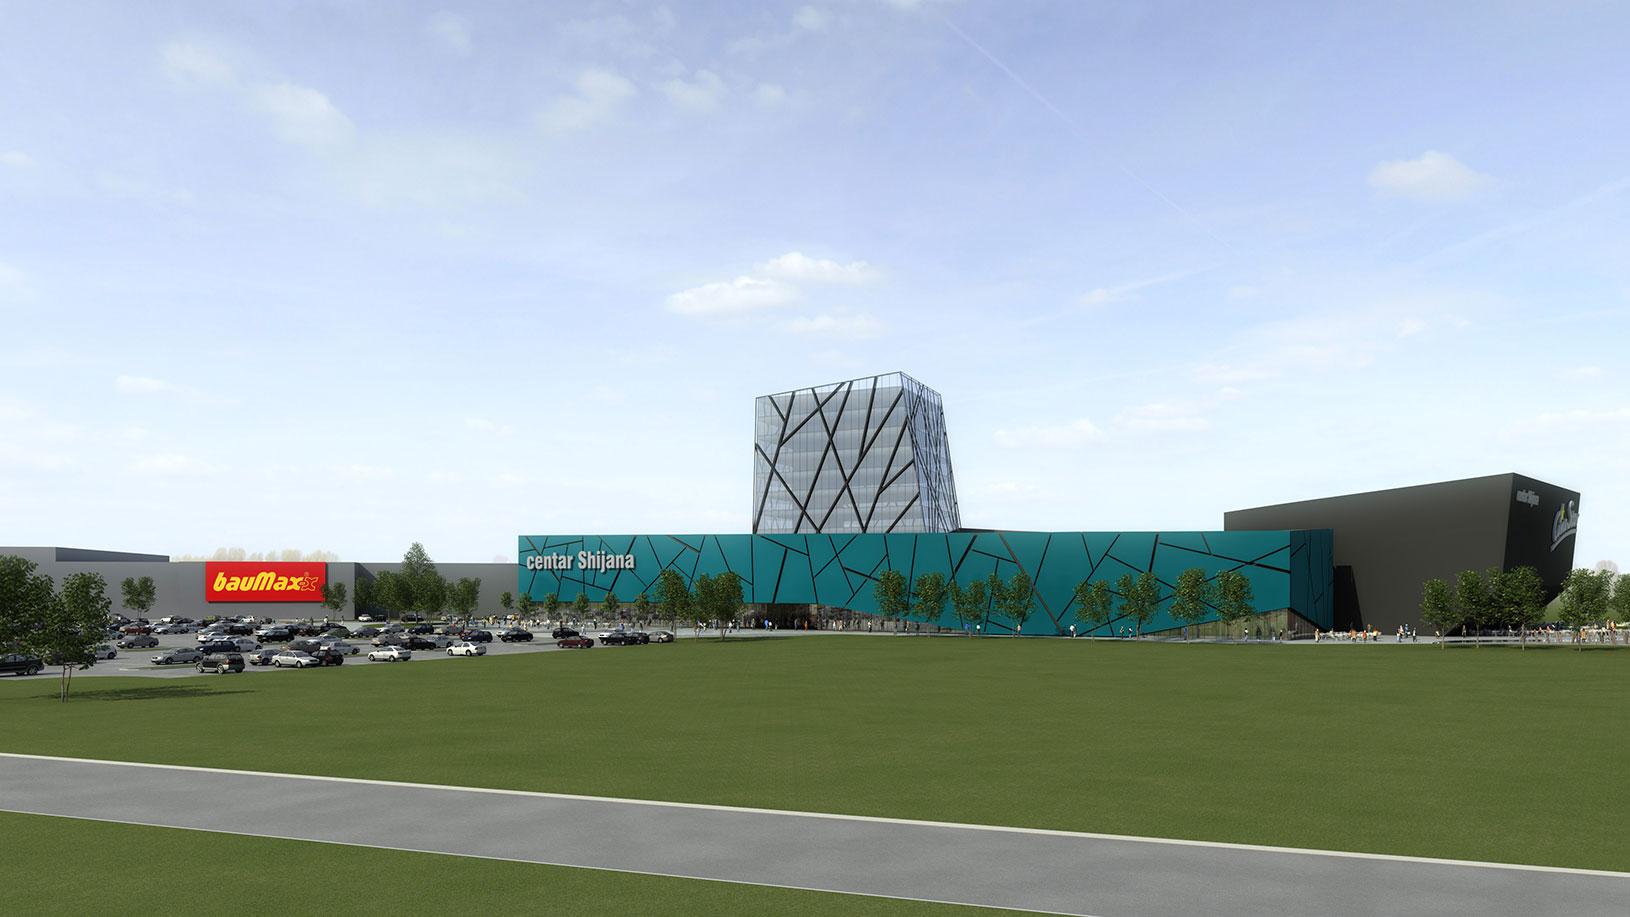 Shijana trgovački centar, UPI-2M